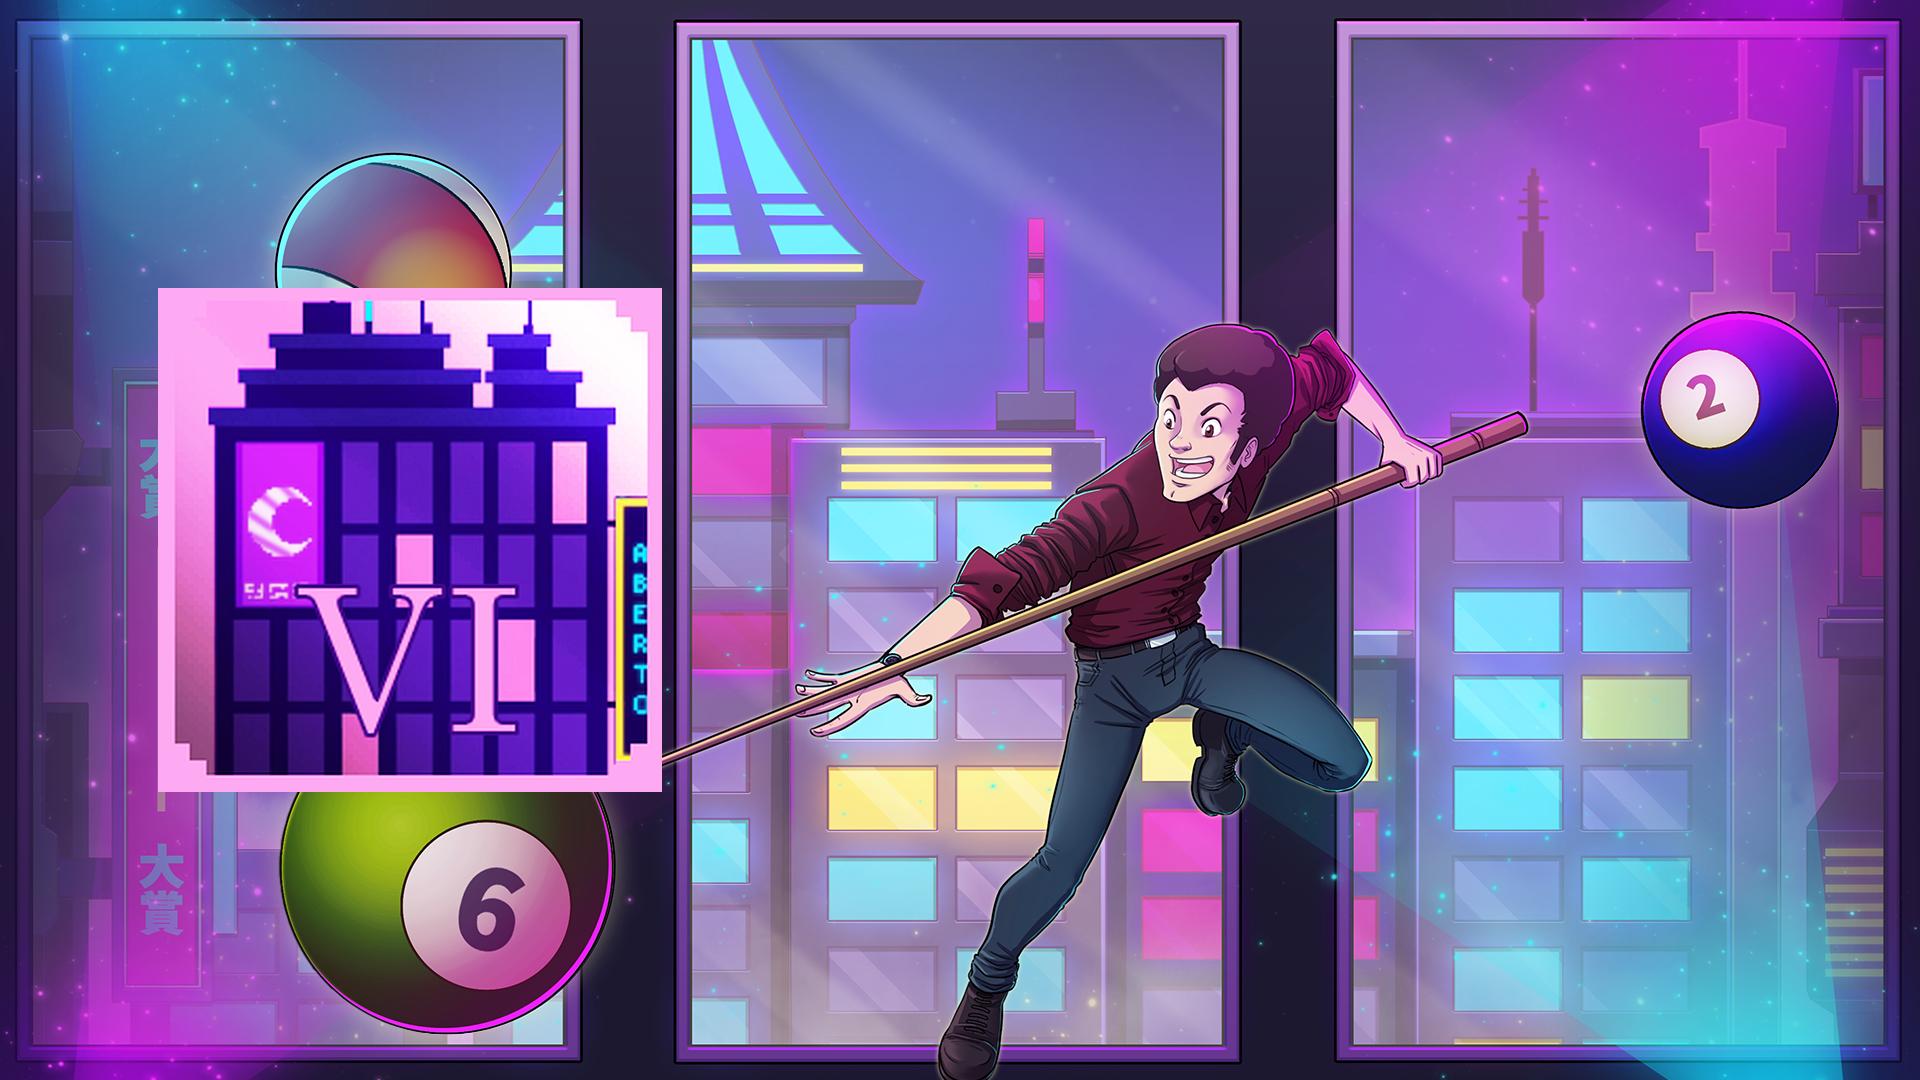 Icon for Level Master VI